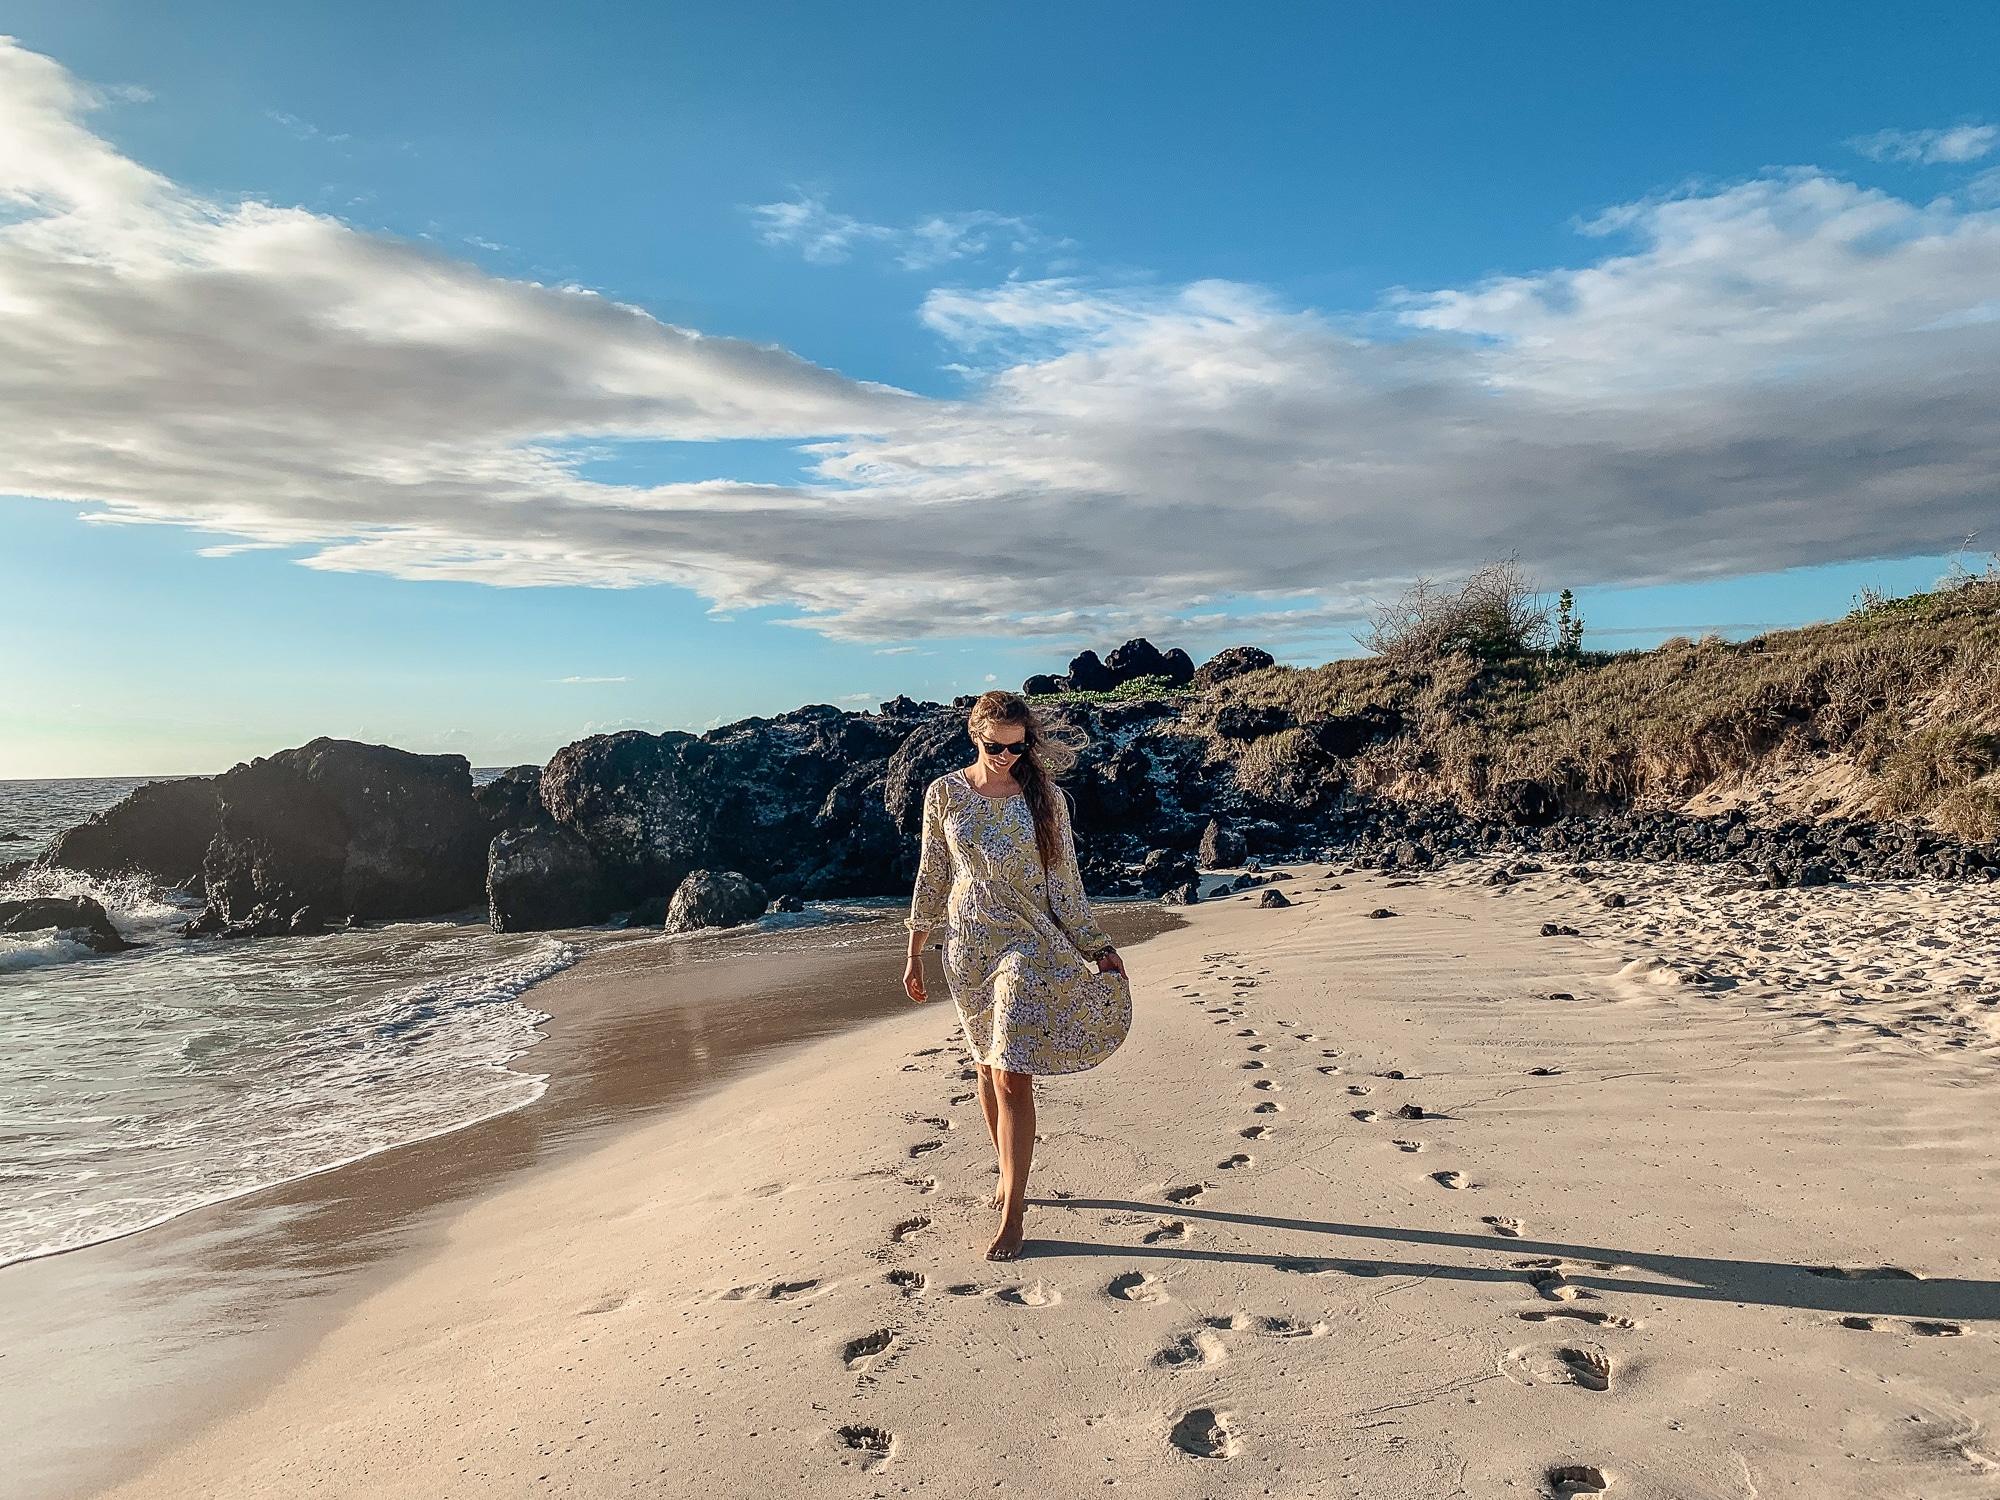 Schönste Strände auf Big Island: 6 Traumstrände für eure Hawaii Reise - Kua Bay